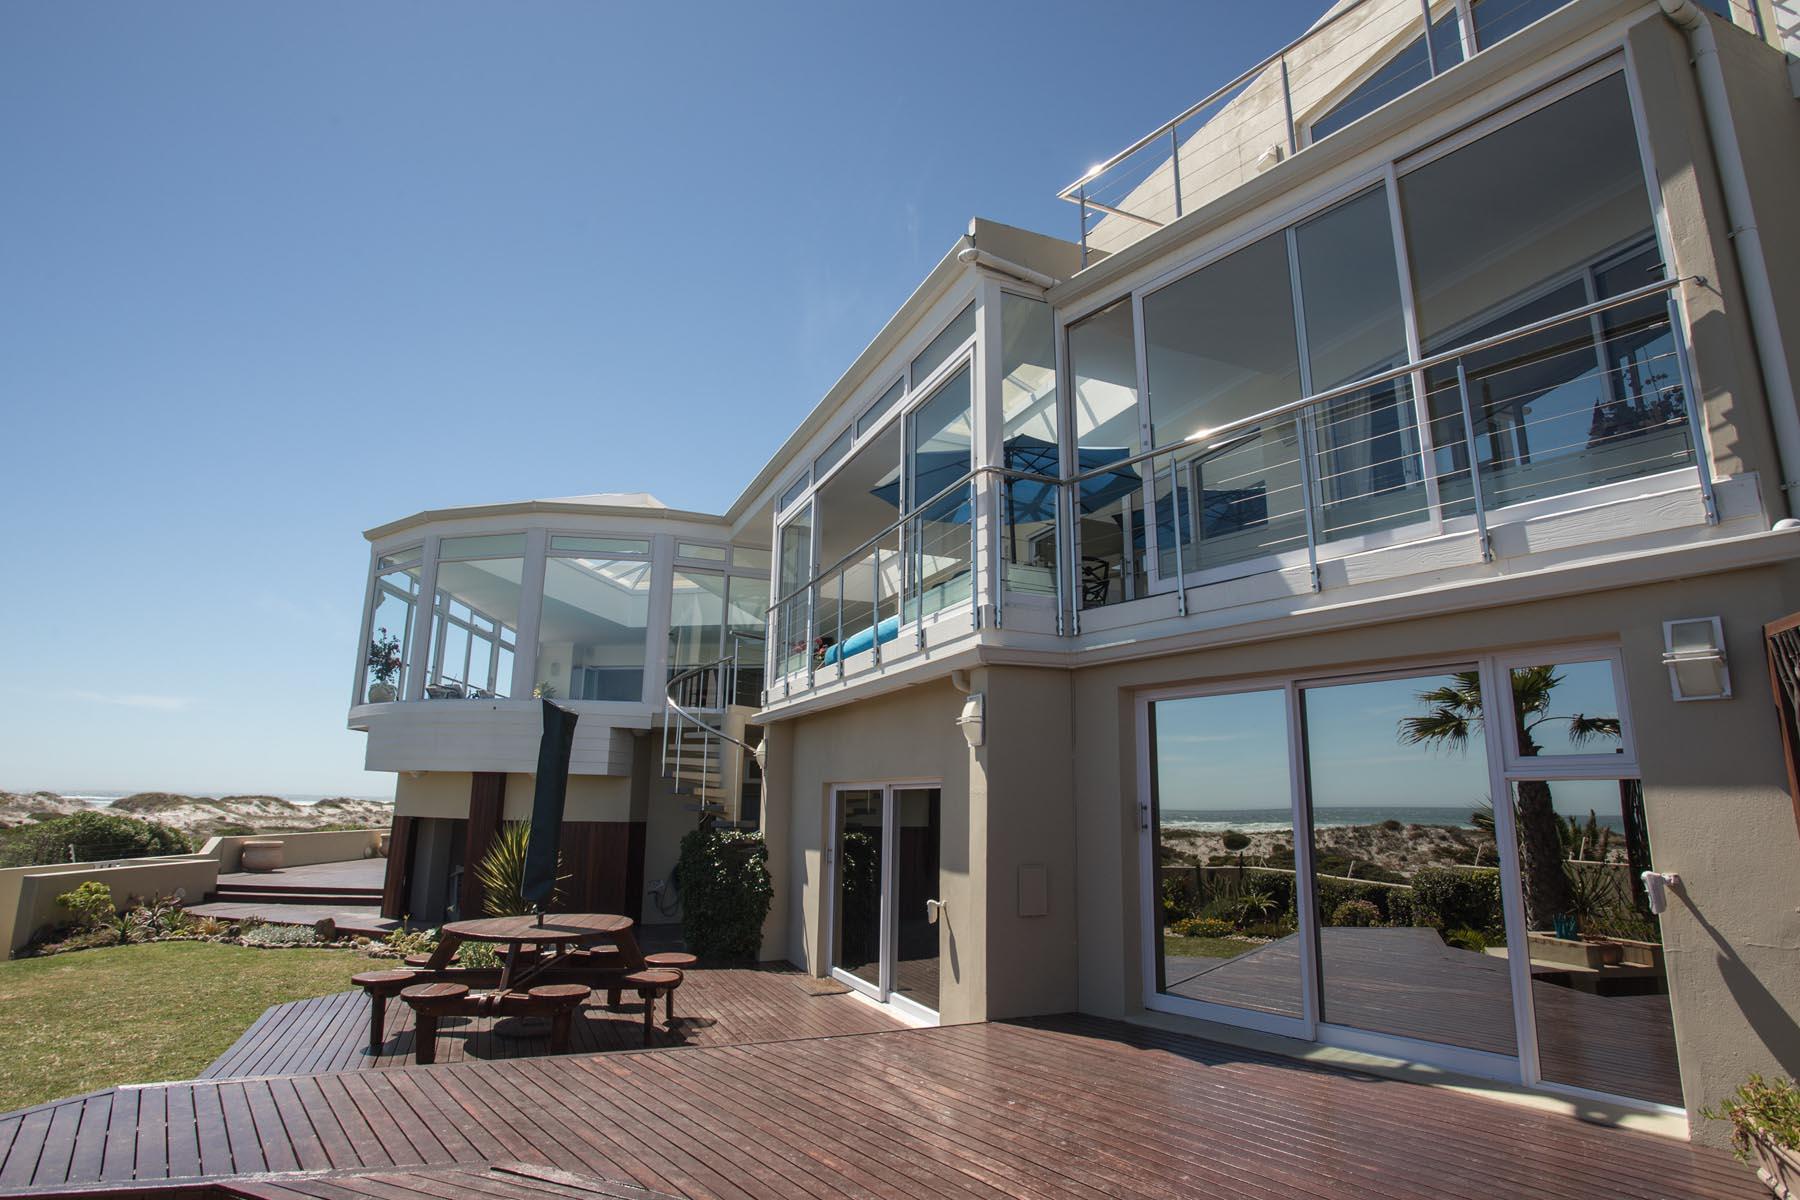 단독 가정 주택 용 매매 에 Milkbosstrand Cape Town, 웨스턴 케이프, 7550 남아프리카